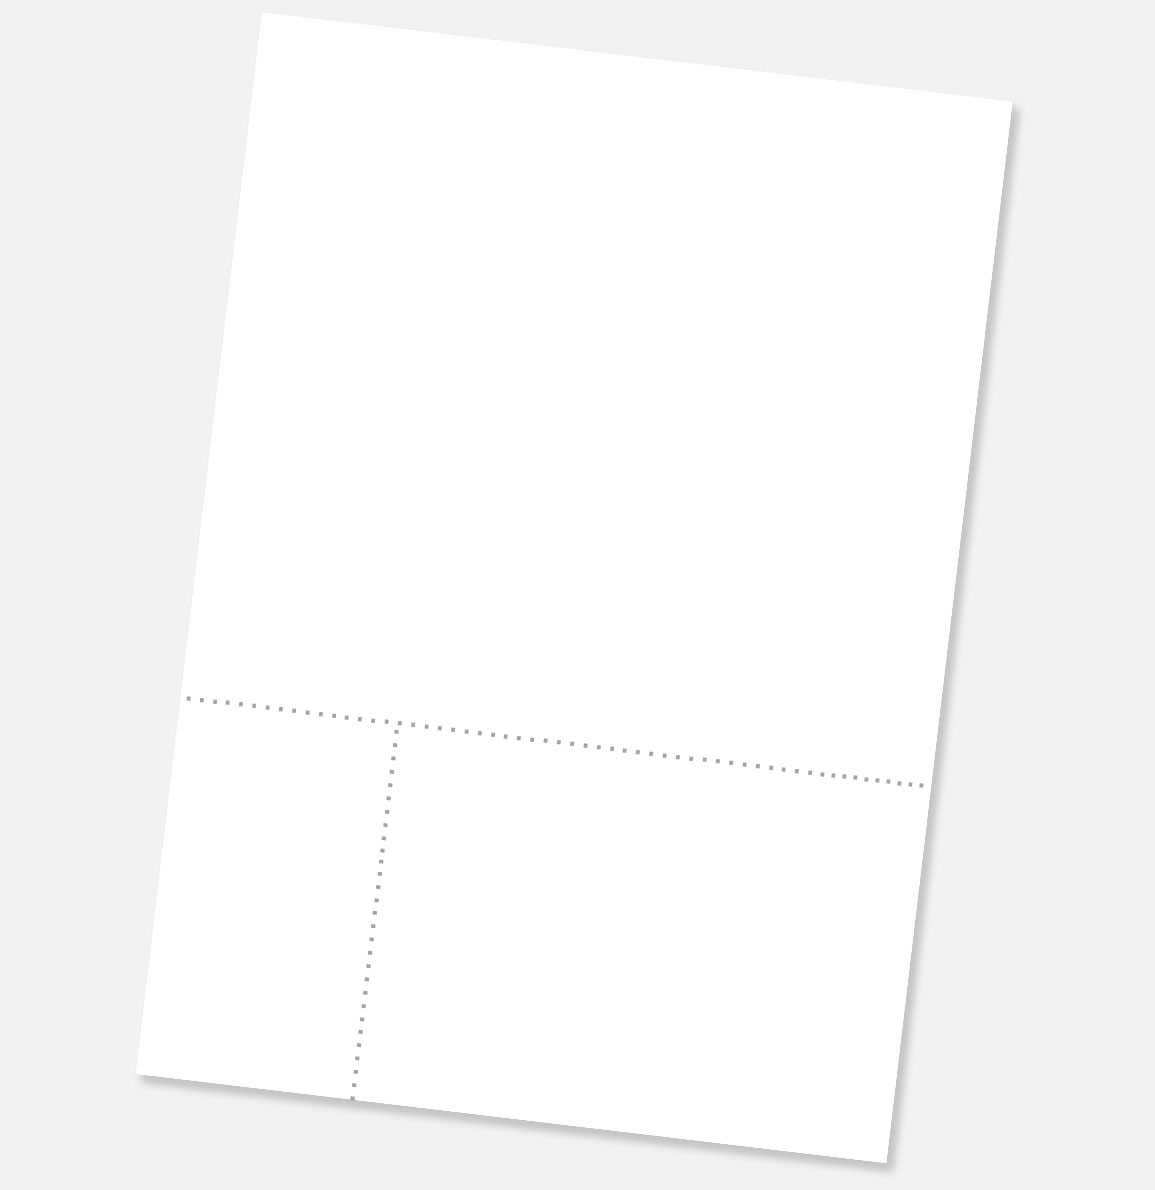 QR_Rechnung_unbedruckt.jpg